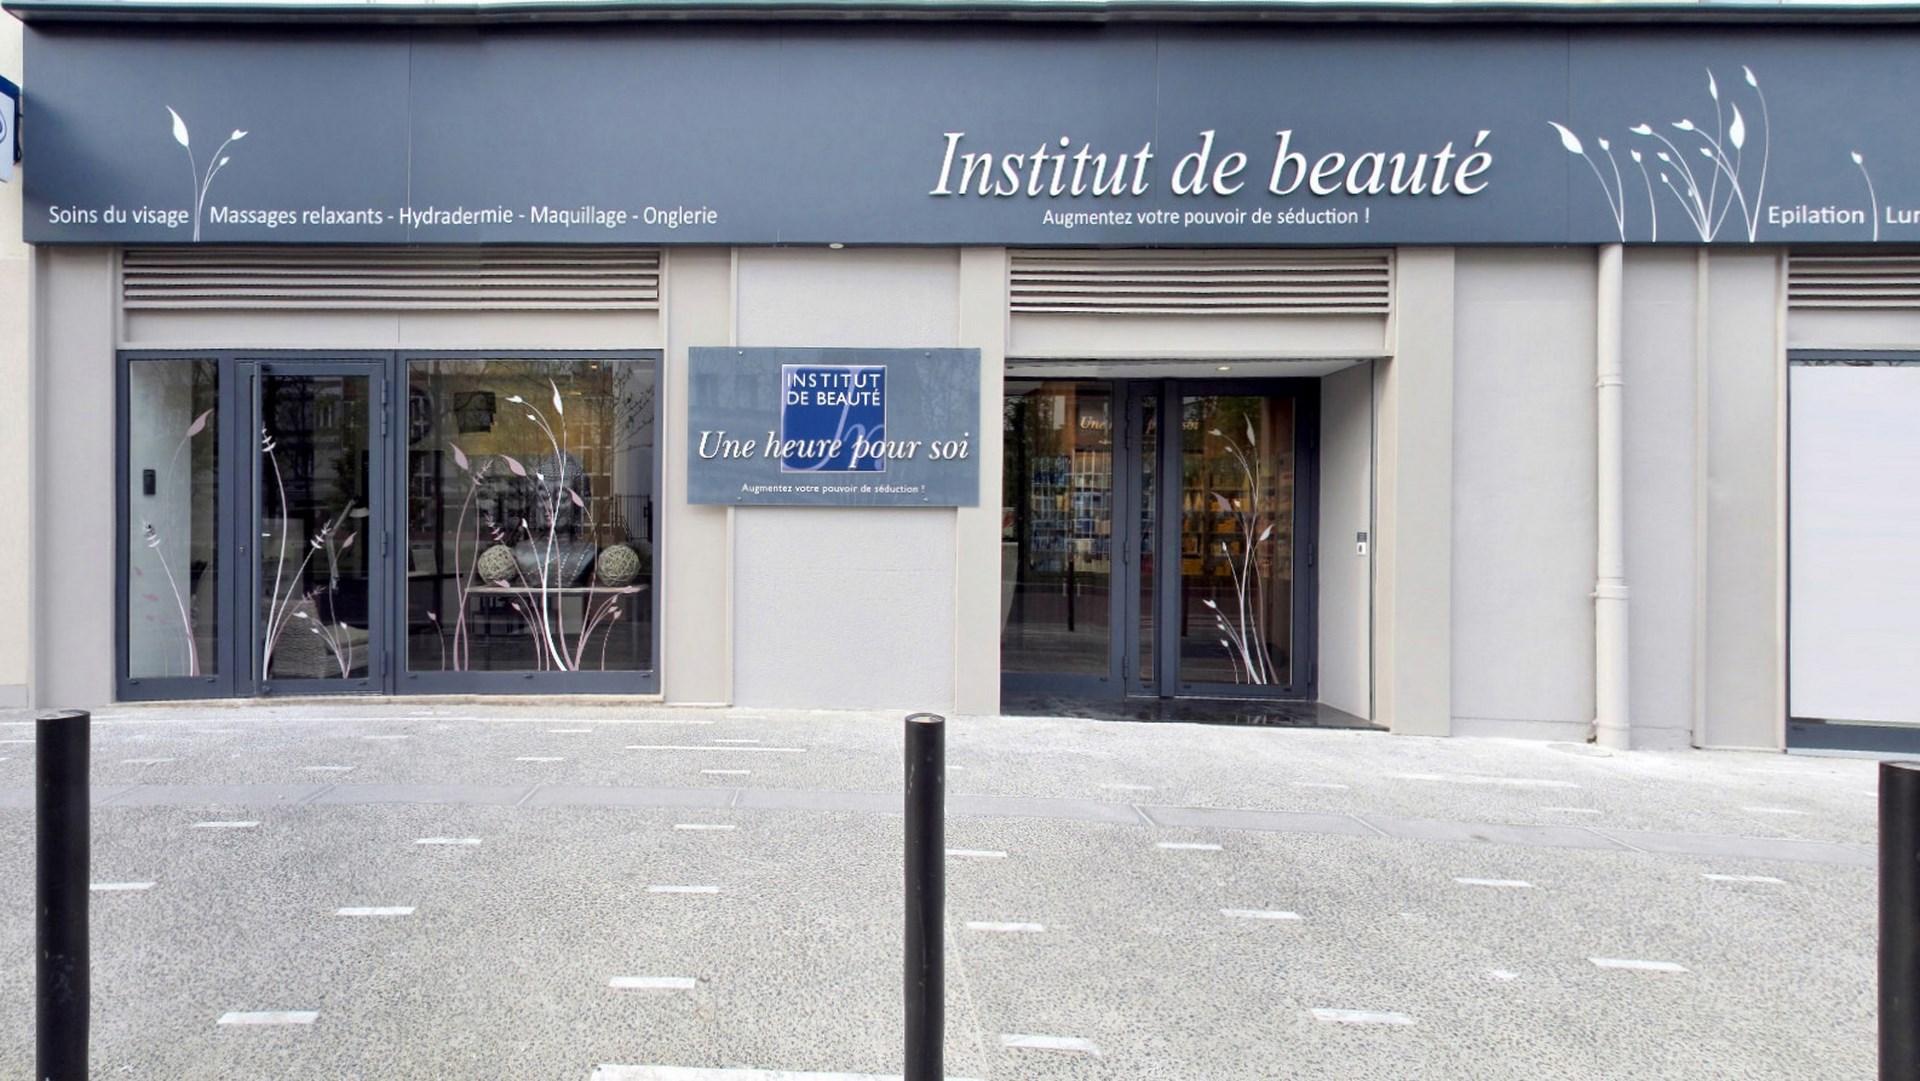 Cration Du Concept Architectural Institut De Beaut Une